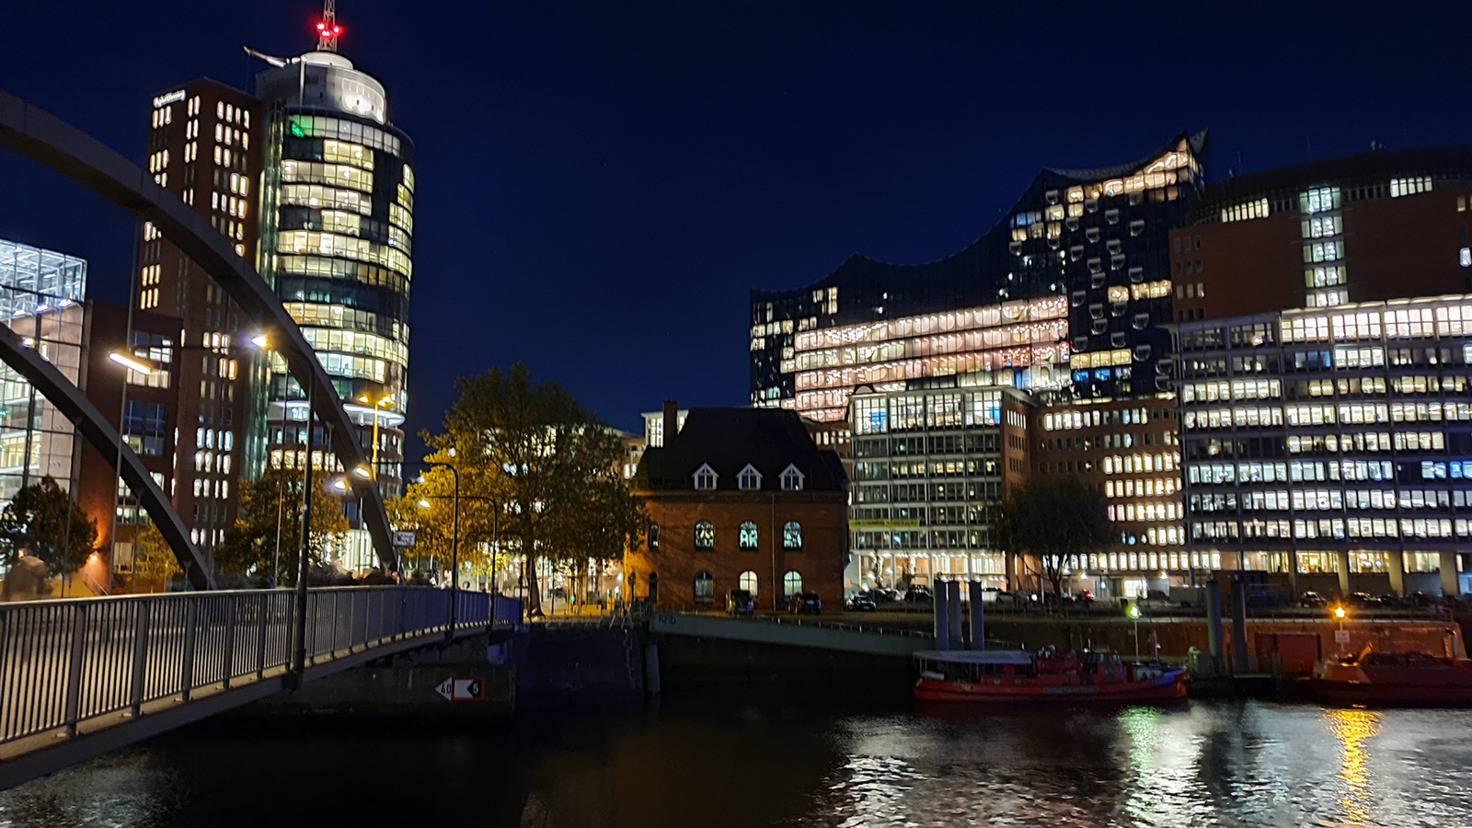 Galaxy Note 10 HafenCity mit Nachtmodus